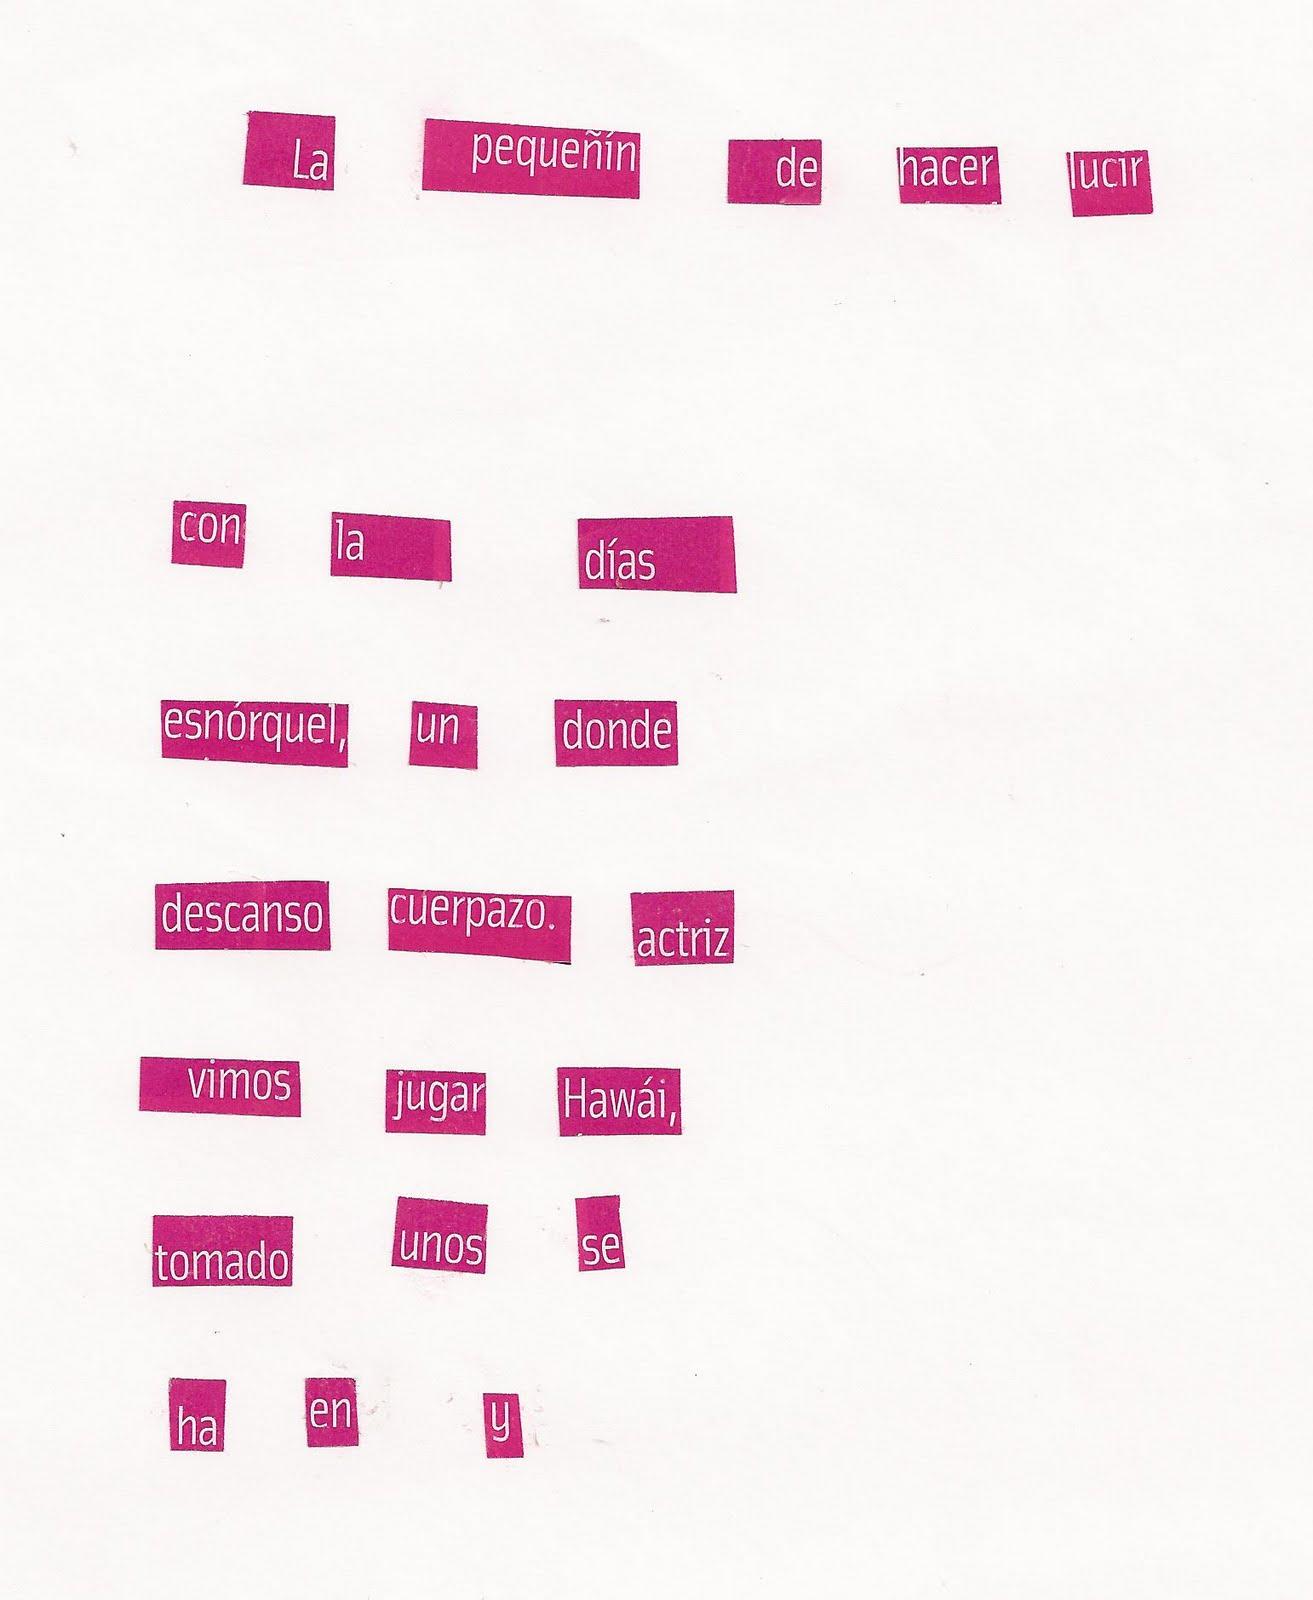 Poemas Poemas Ultraismo Cortos   newhairstylesformen2014.com